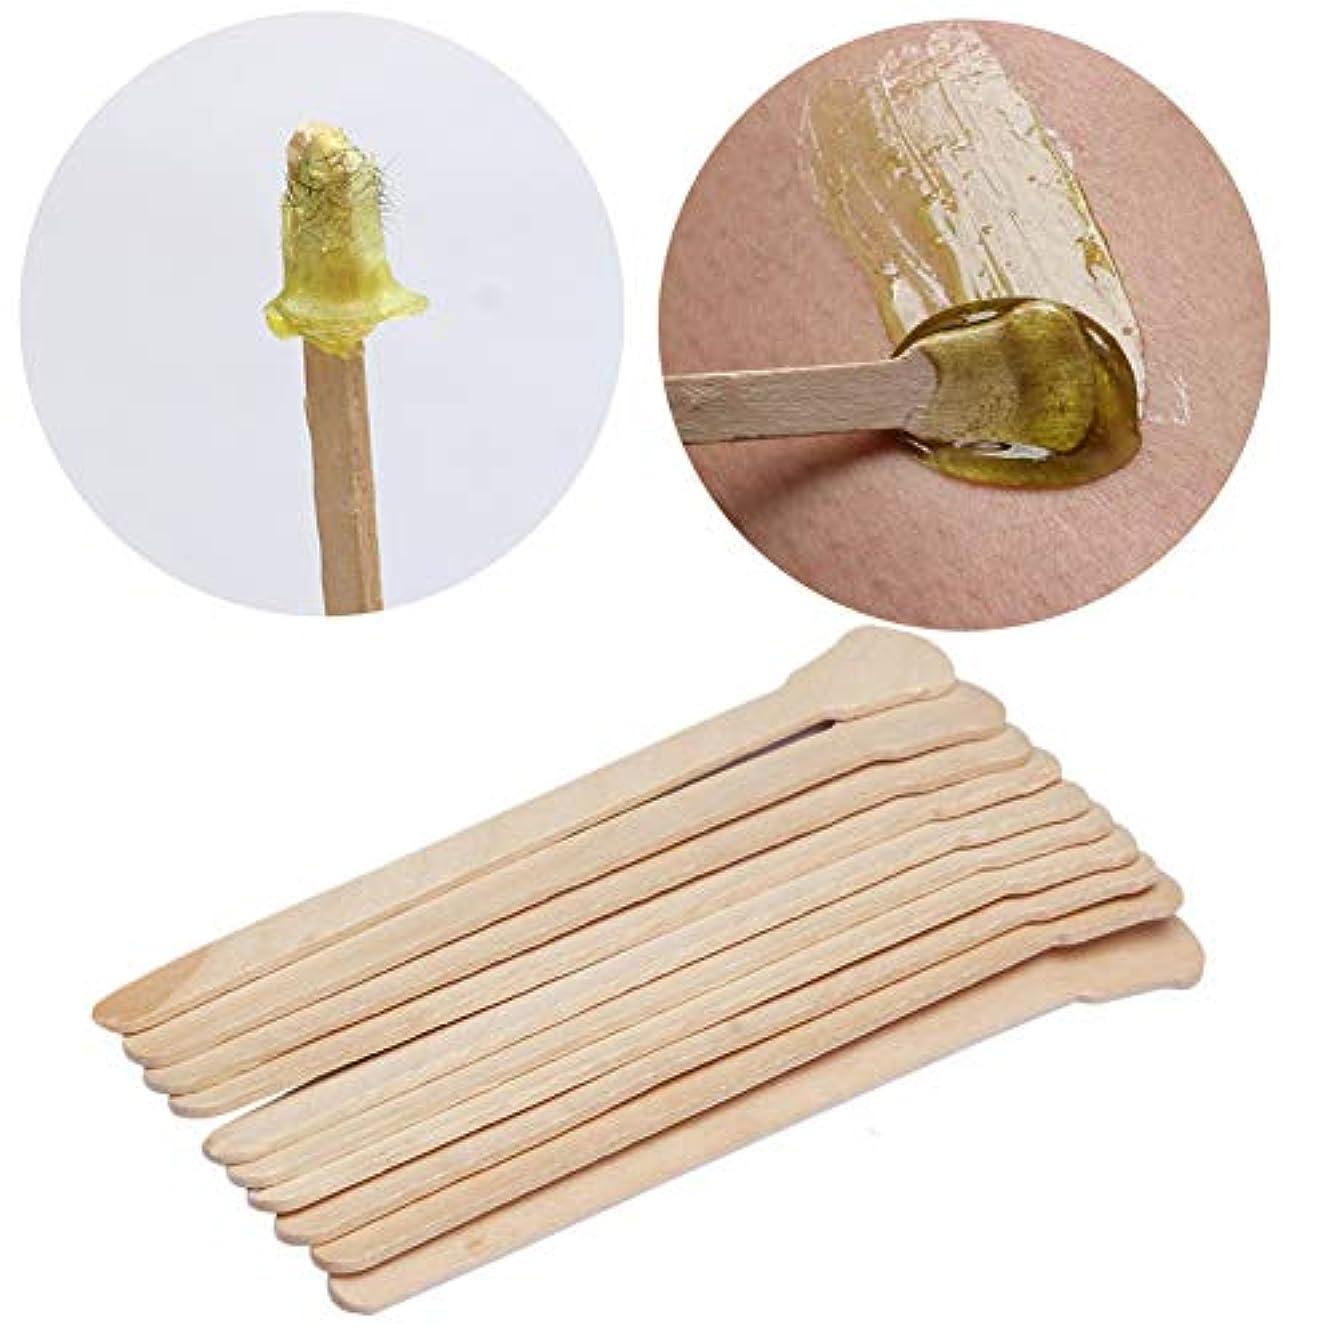 支店茎圧倒するKingsie 使い捨て スパチュラ 木製 50本セット 脱毛ワックス用 12.5cm アイススティック棒 化粧品 フェイスマスク、クリームなどをすくい取る際に ワックス脱毛